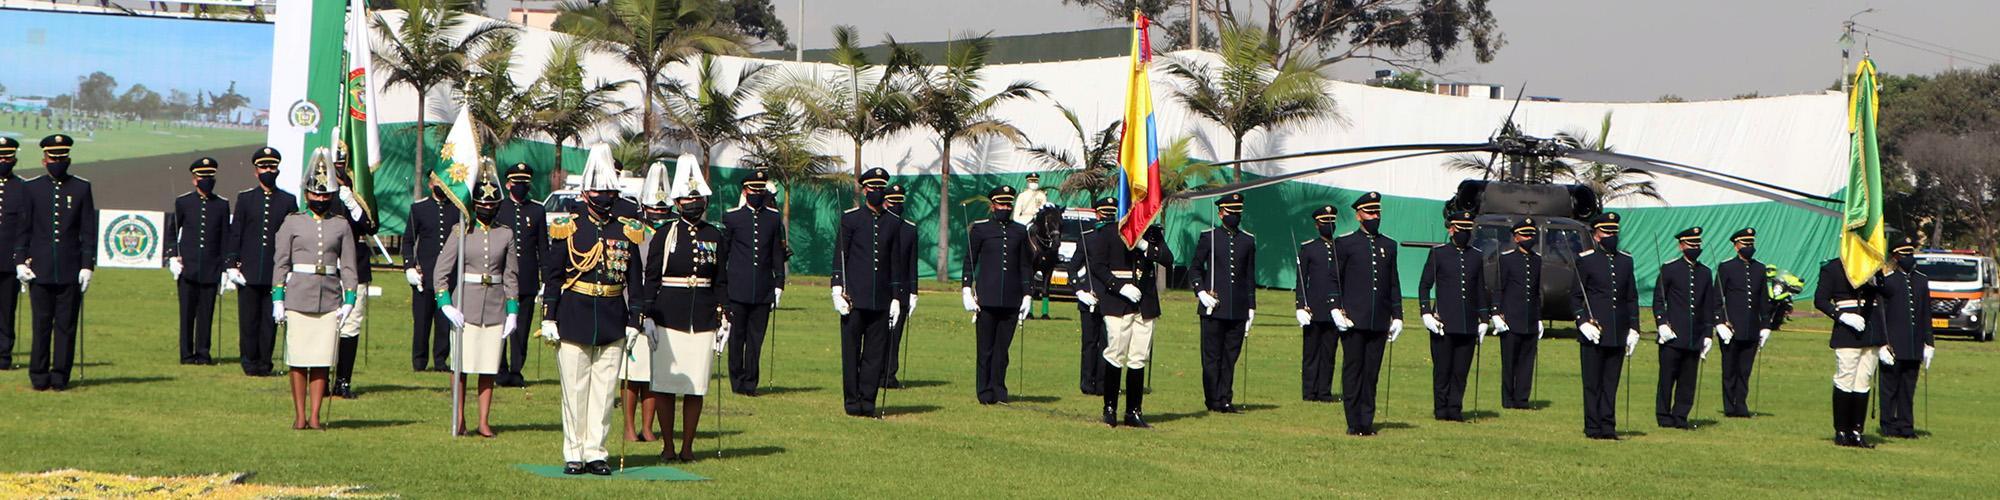 Escuela de Cadetes de Policía General Francisco de Paula Santander